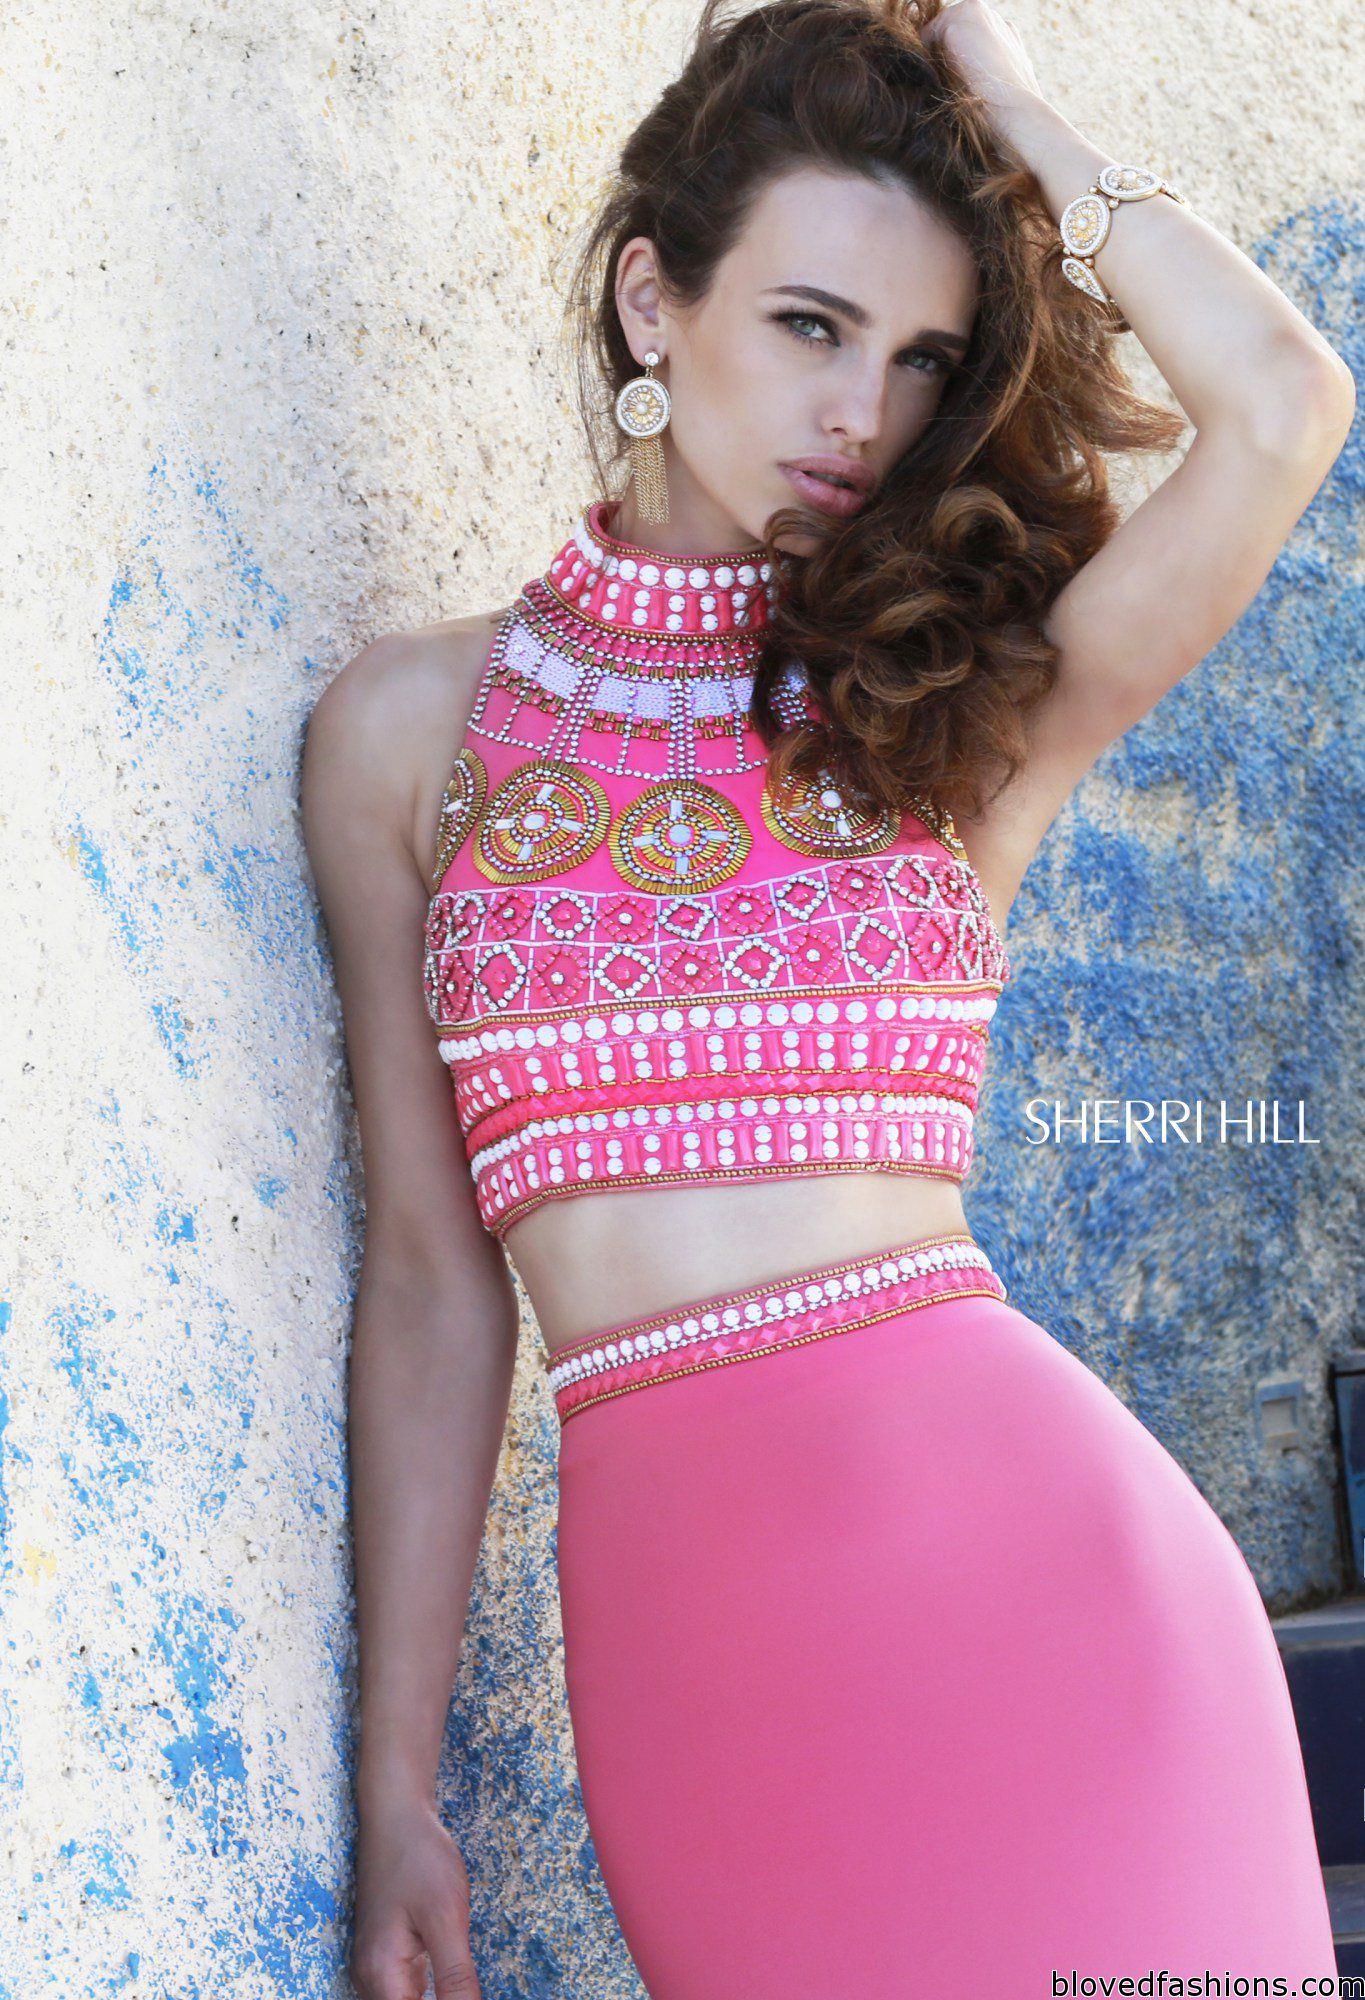 Excepcional La Colina De Sherri Vestidos De Fiesta 2014 Imagen ...